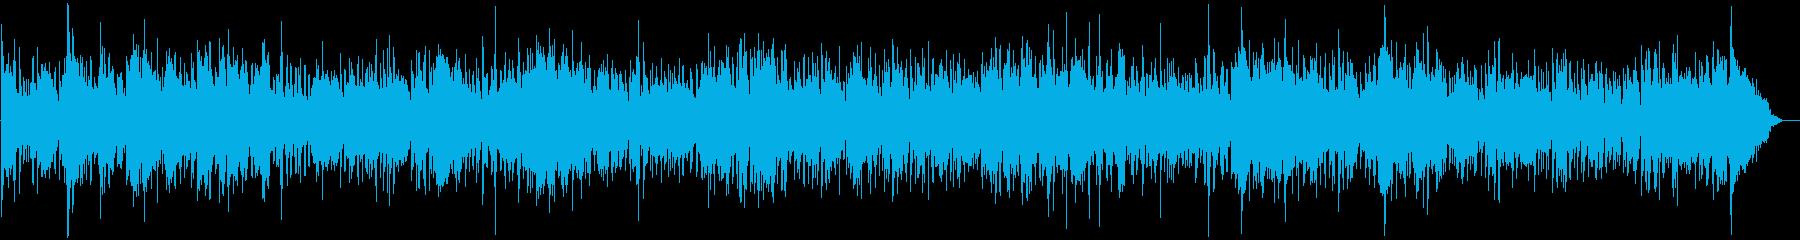 ウクレレ中心のゆったりハワイアンバンドの再生済みの波形